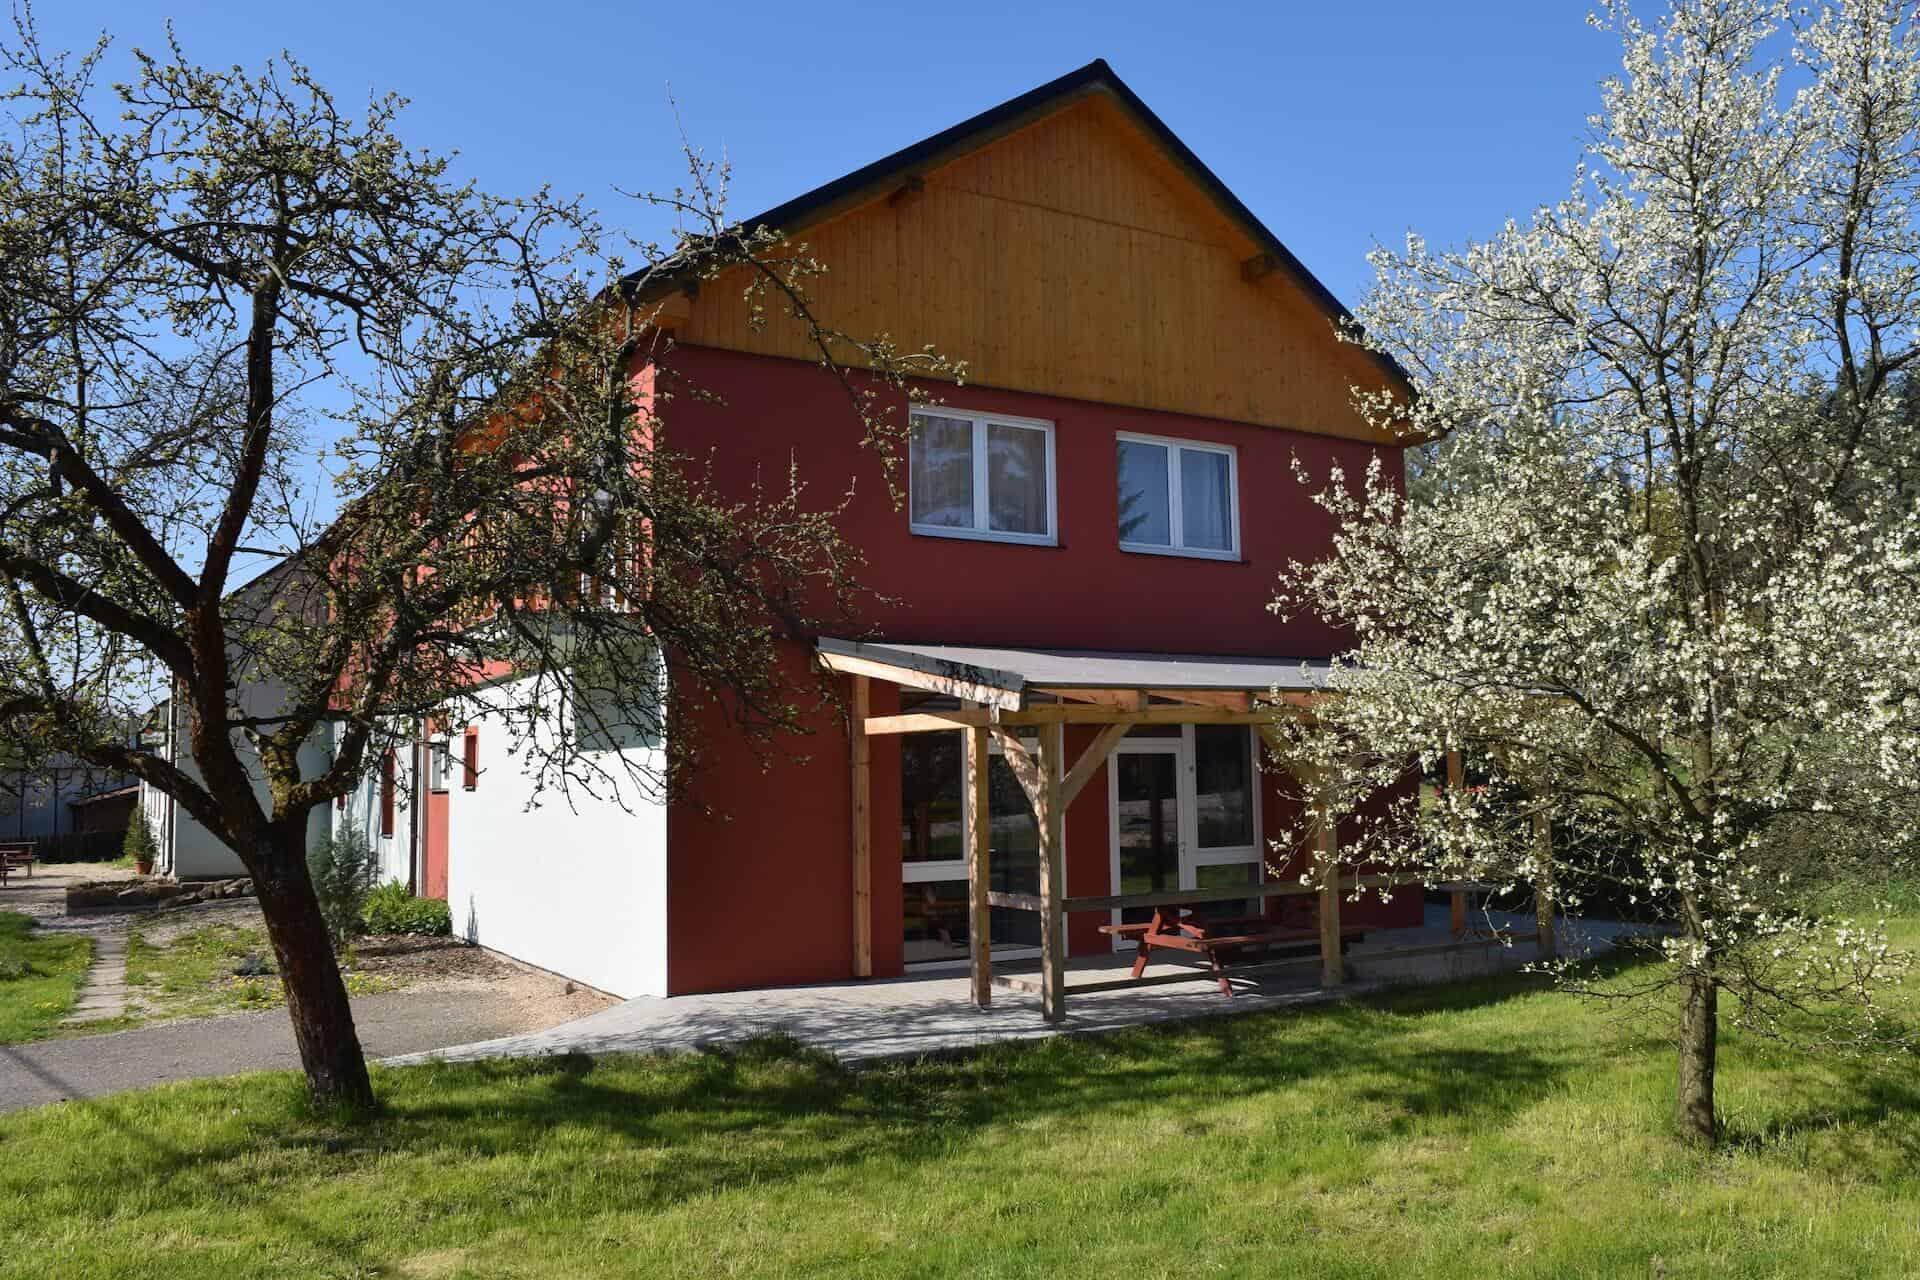 Penzion Slunečno - pohled na šít domu